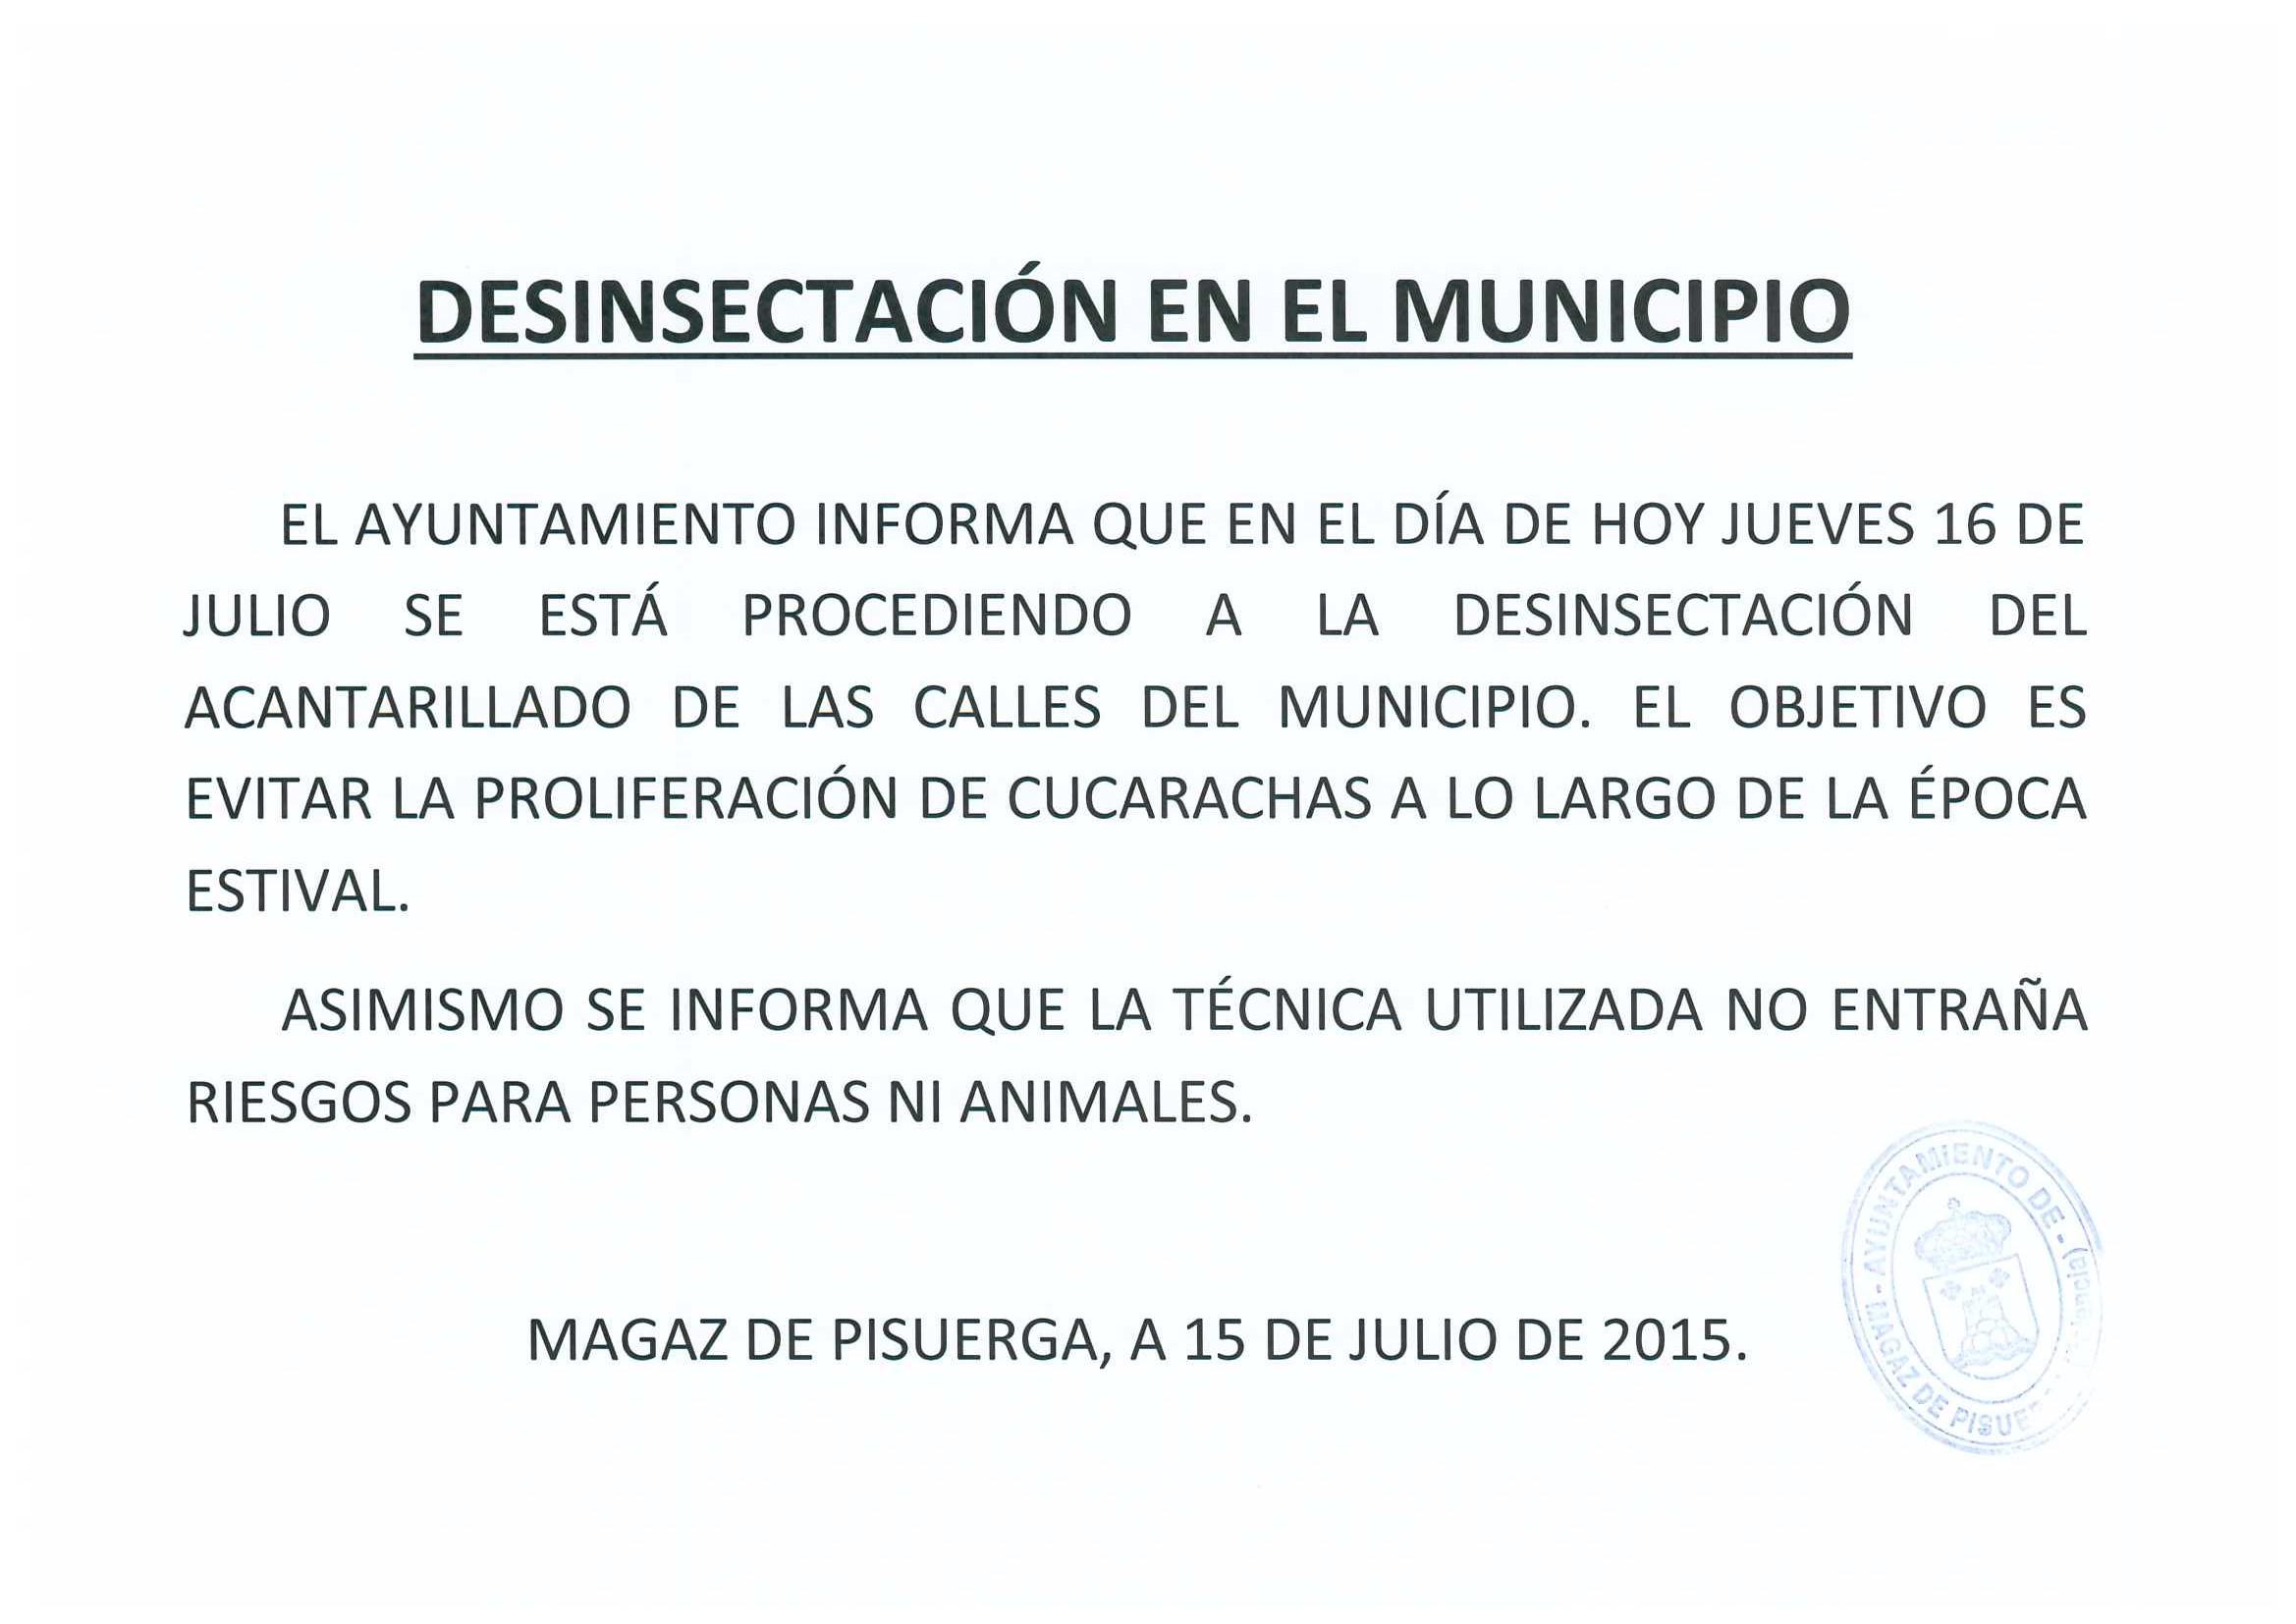 Desinsectación en el municipio